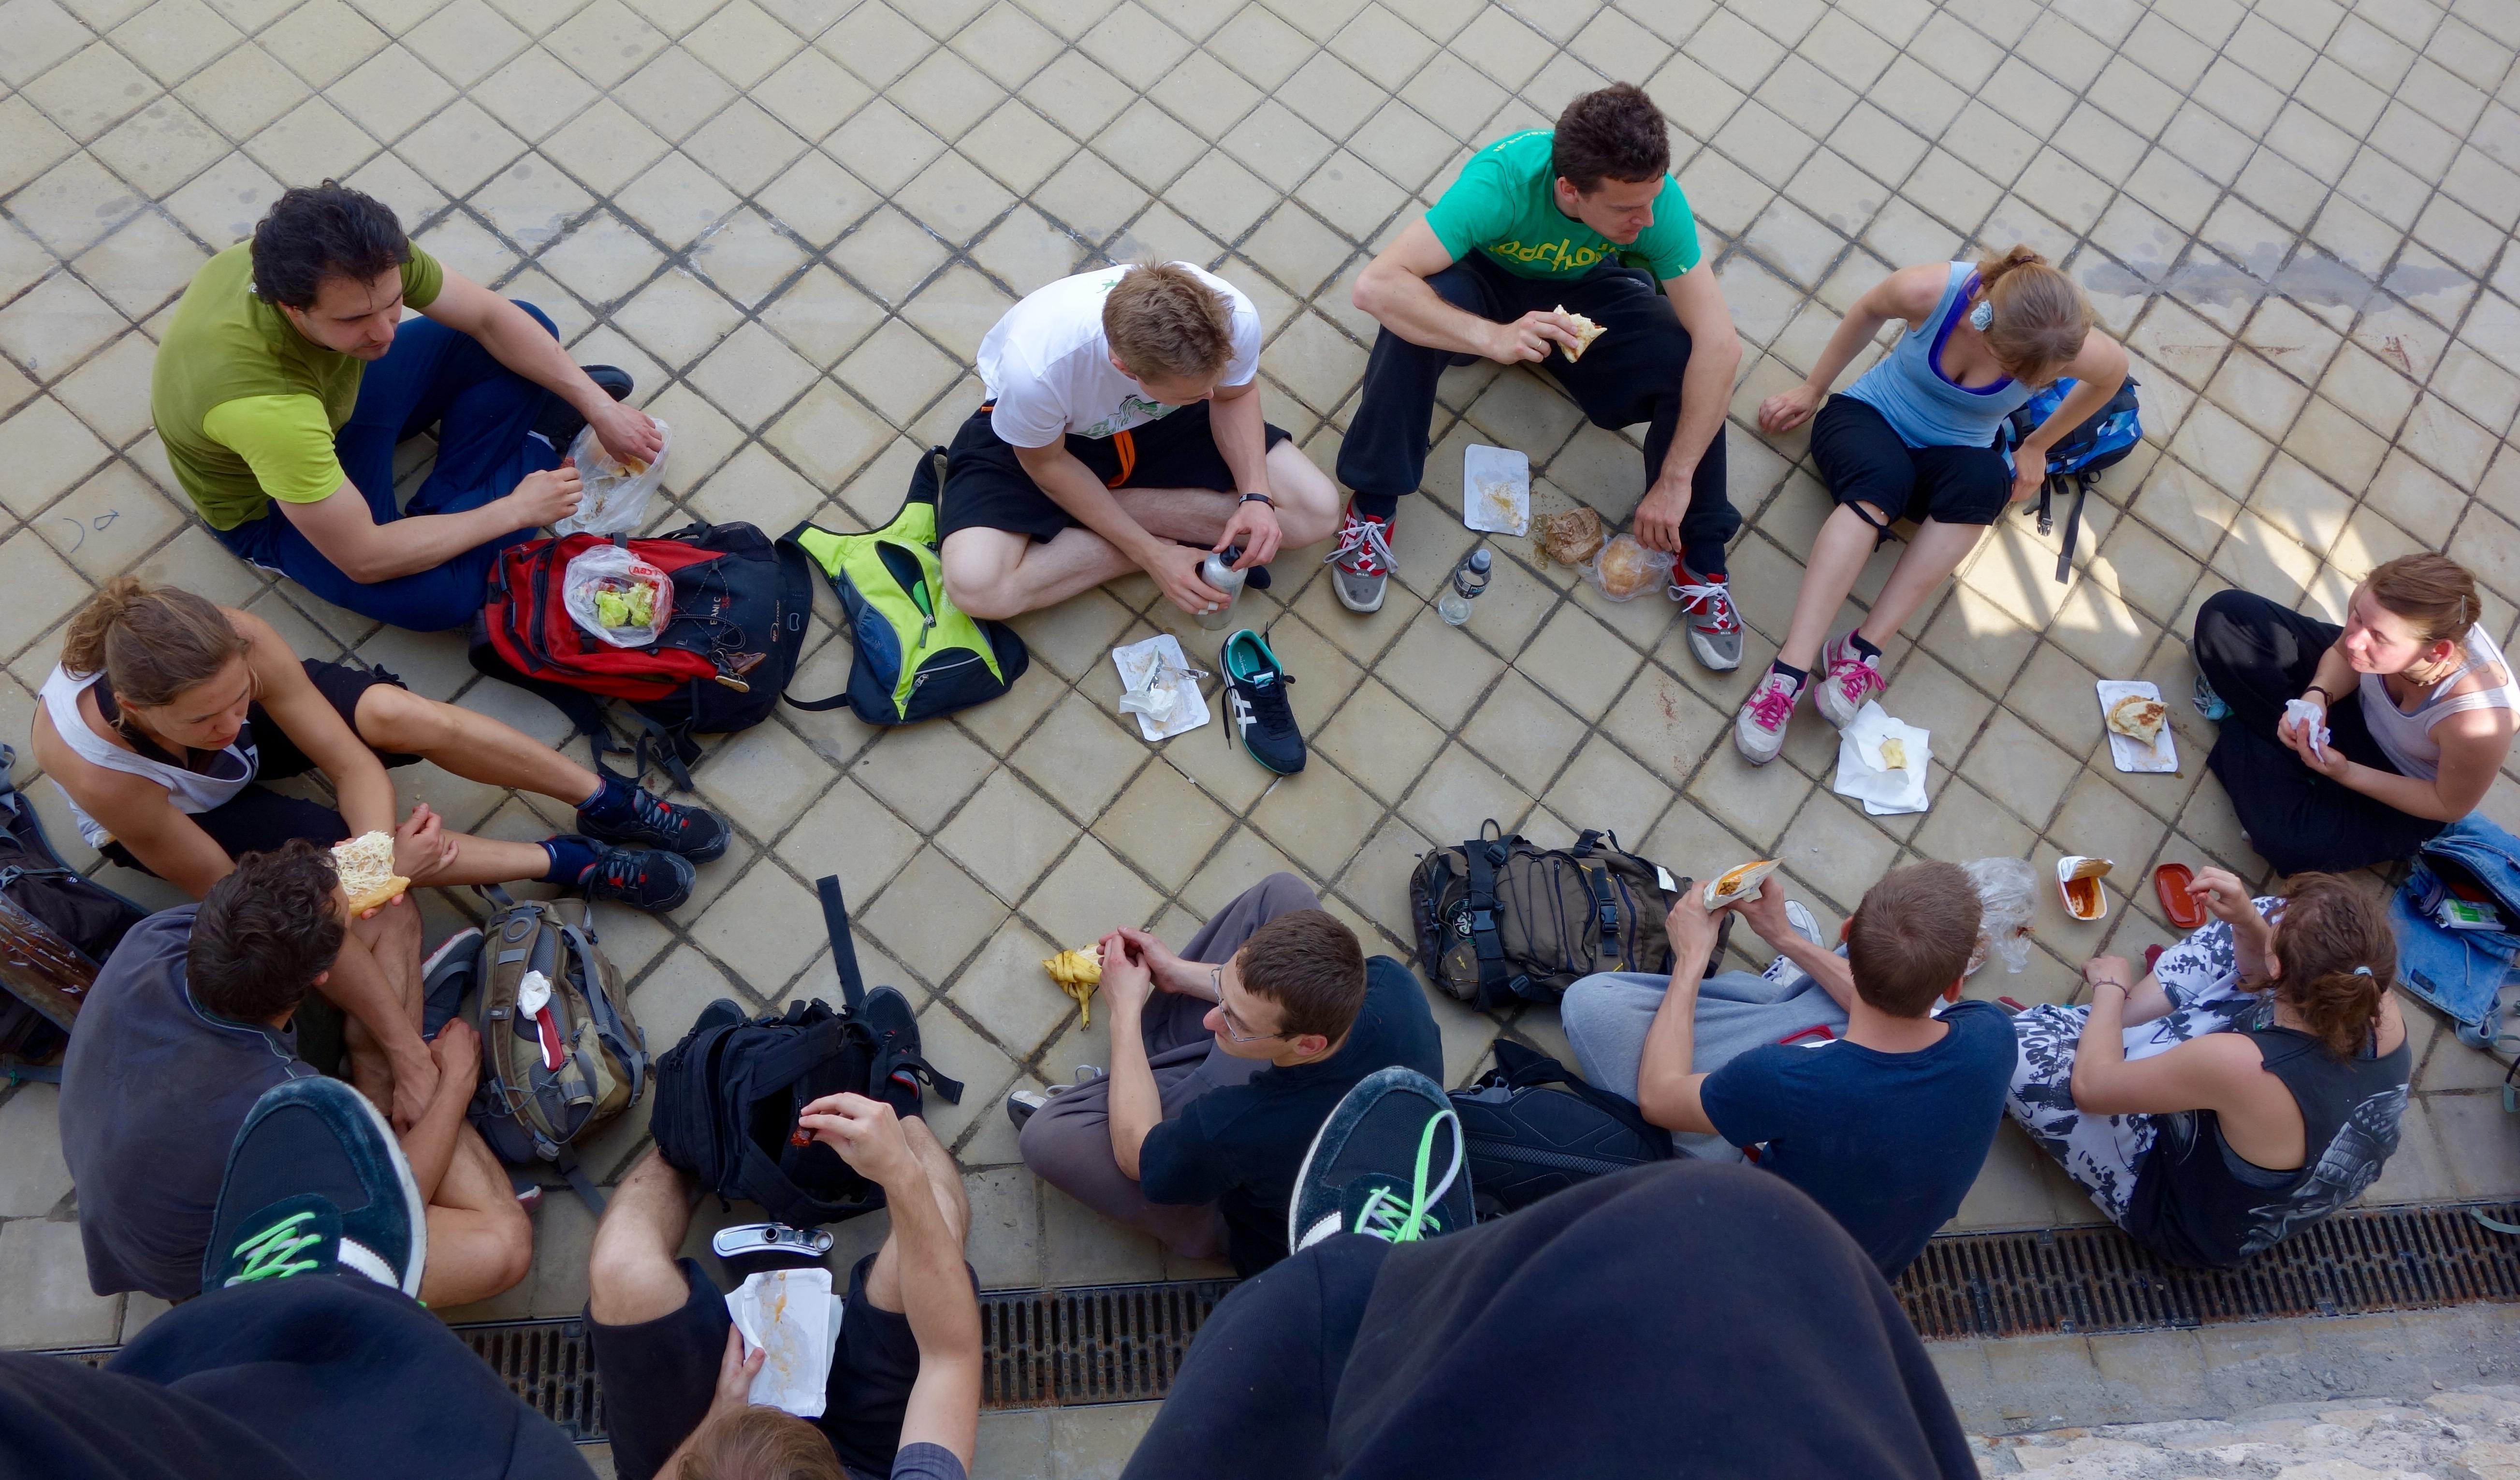 Group von oben